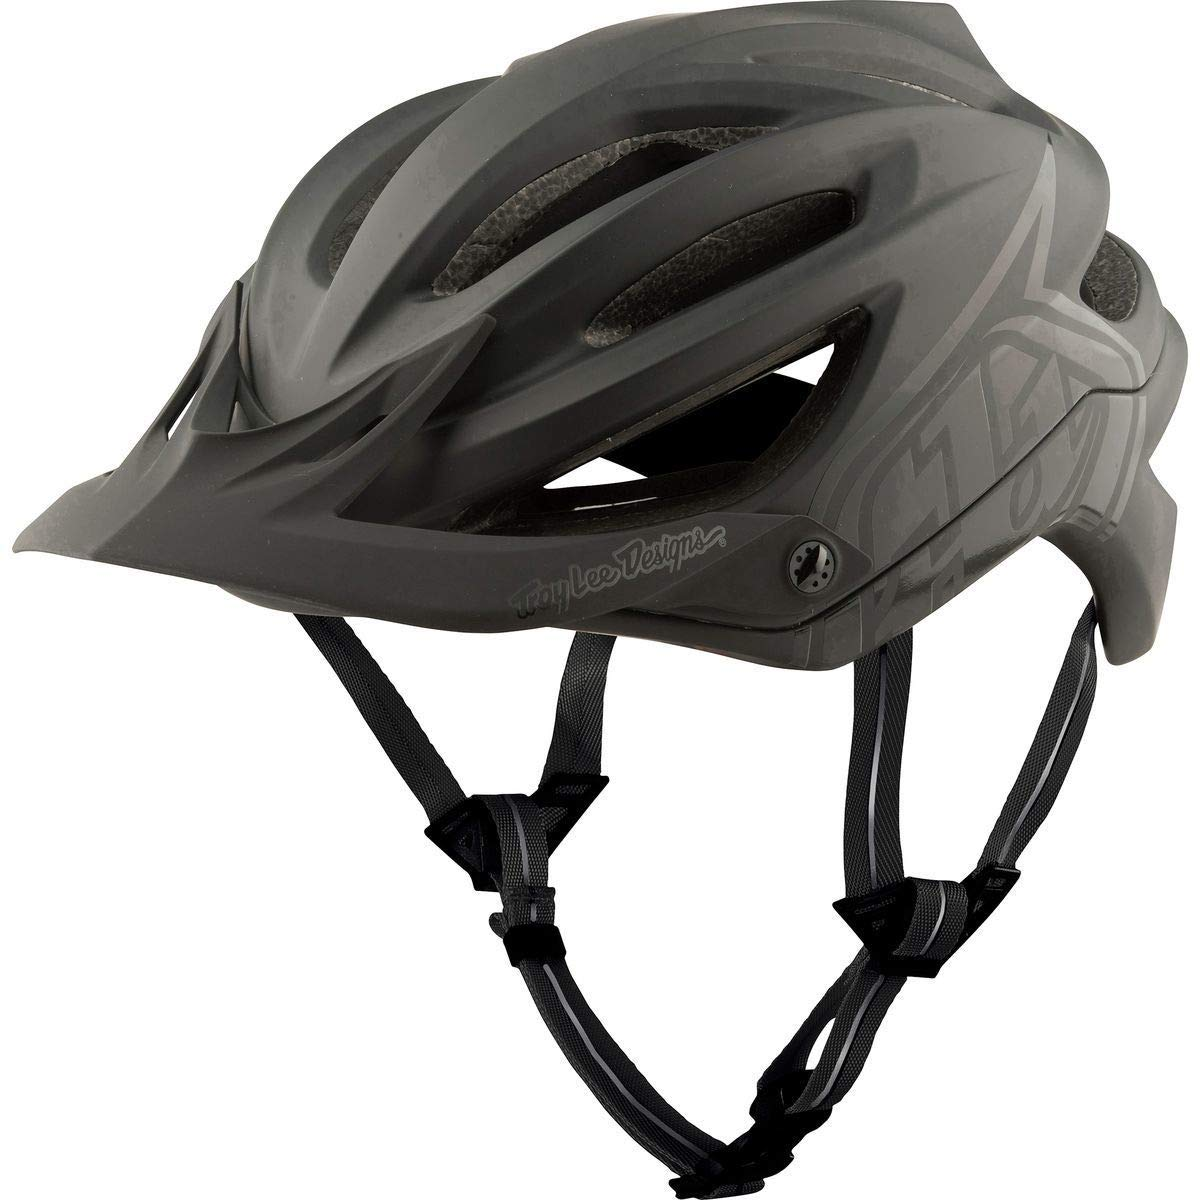 トロイリーデザイン2018年2 MIPSおとり自転車ヘルメットブラックM/L   B01MU0C8NY